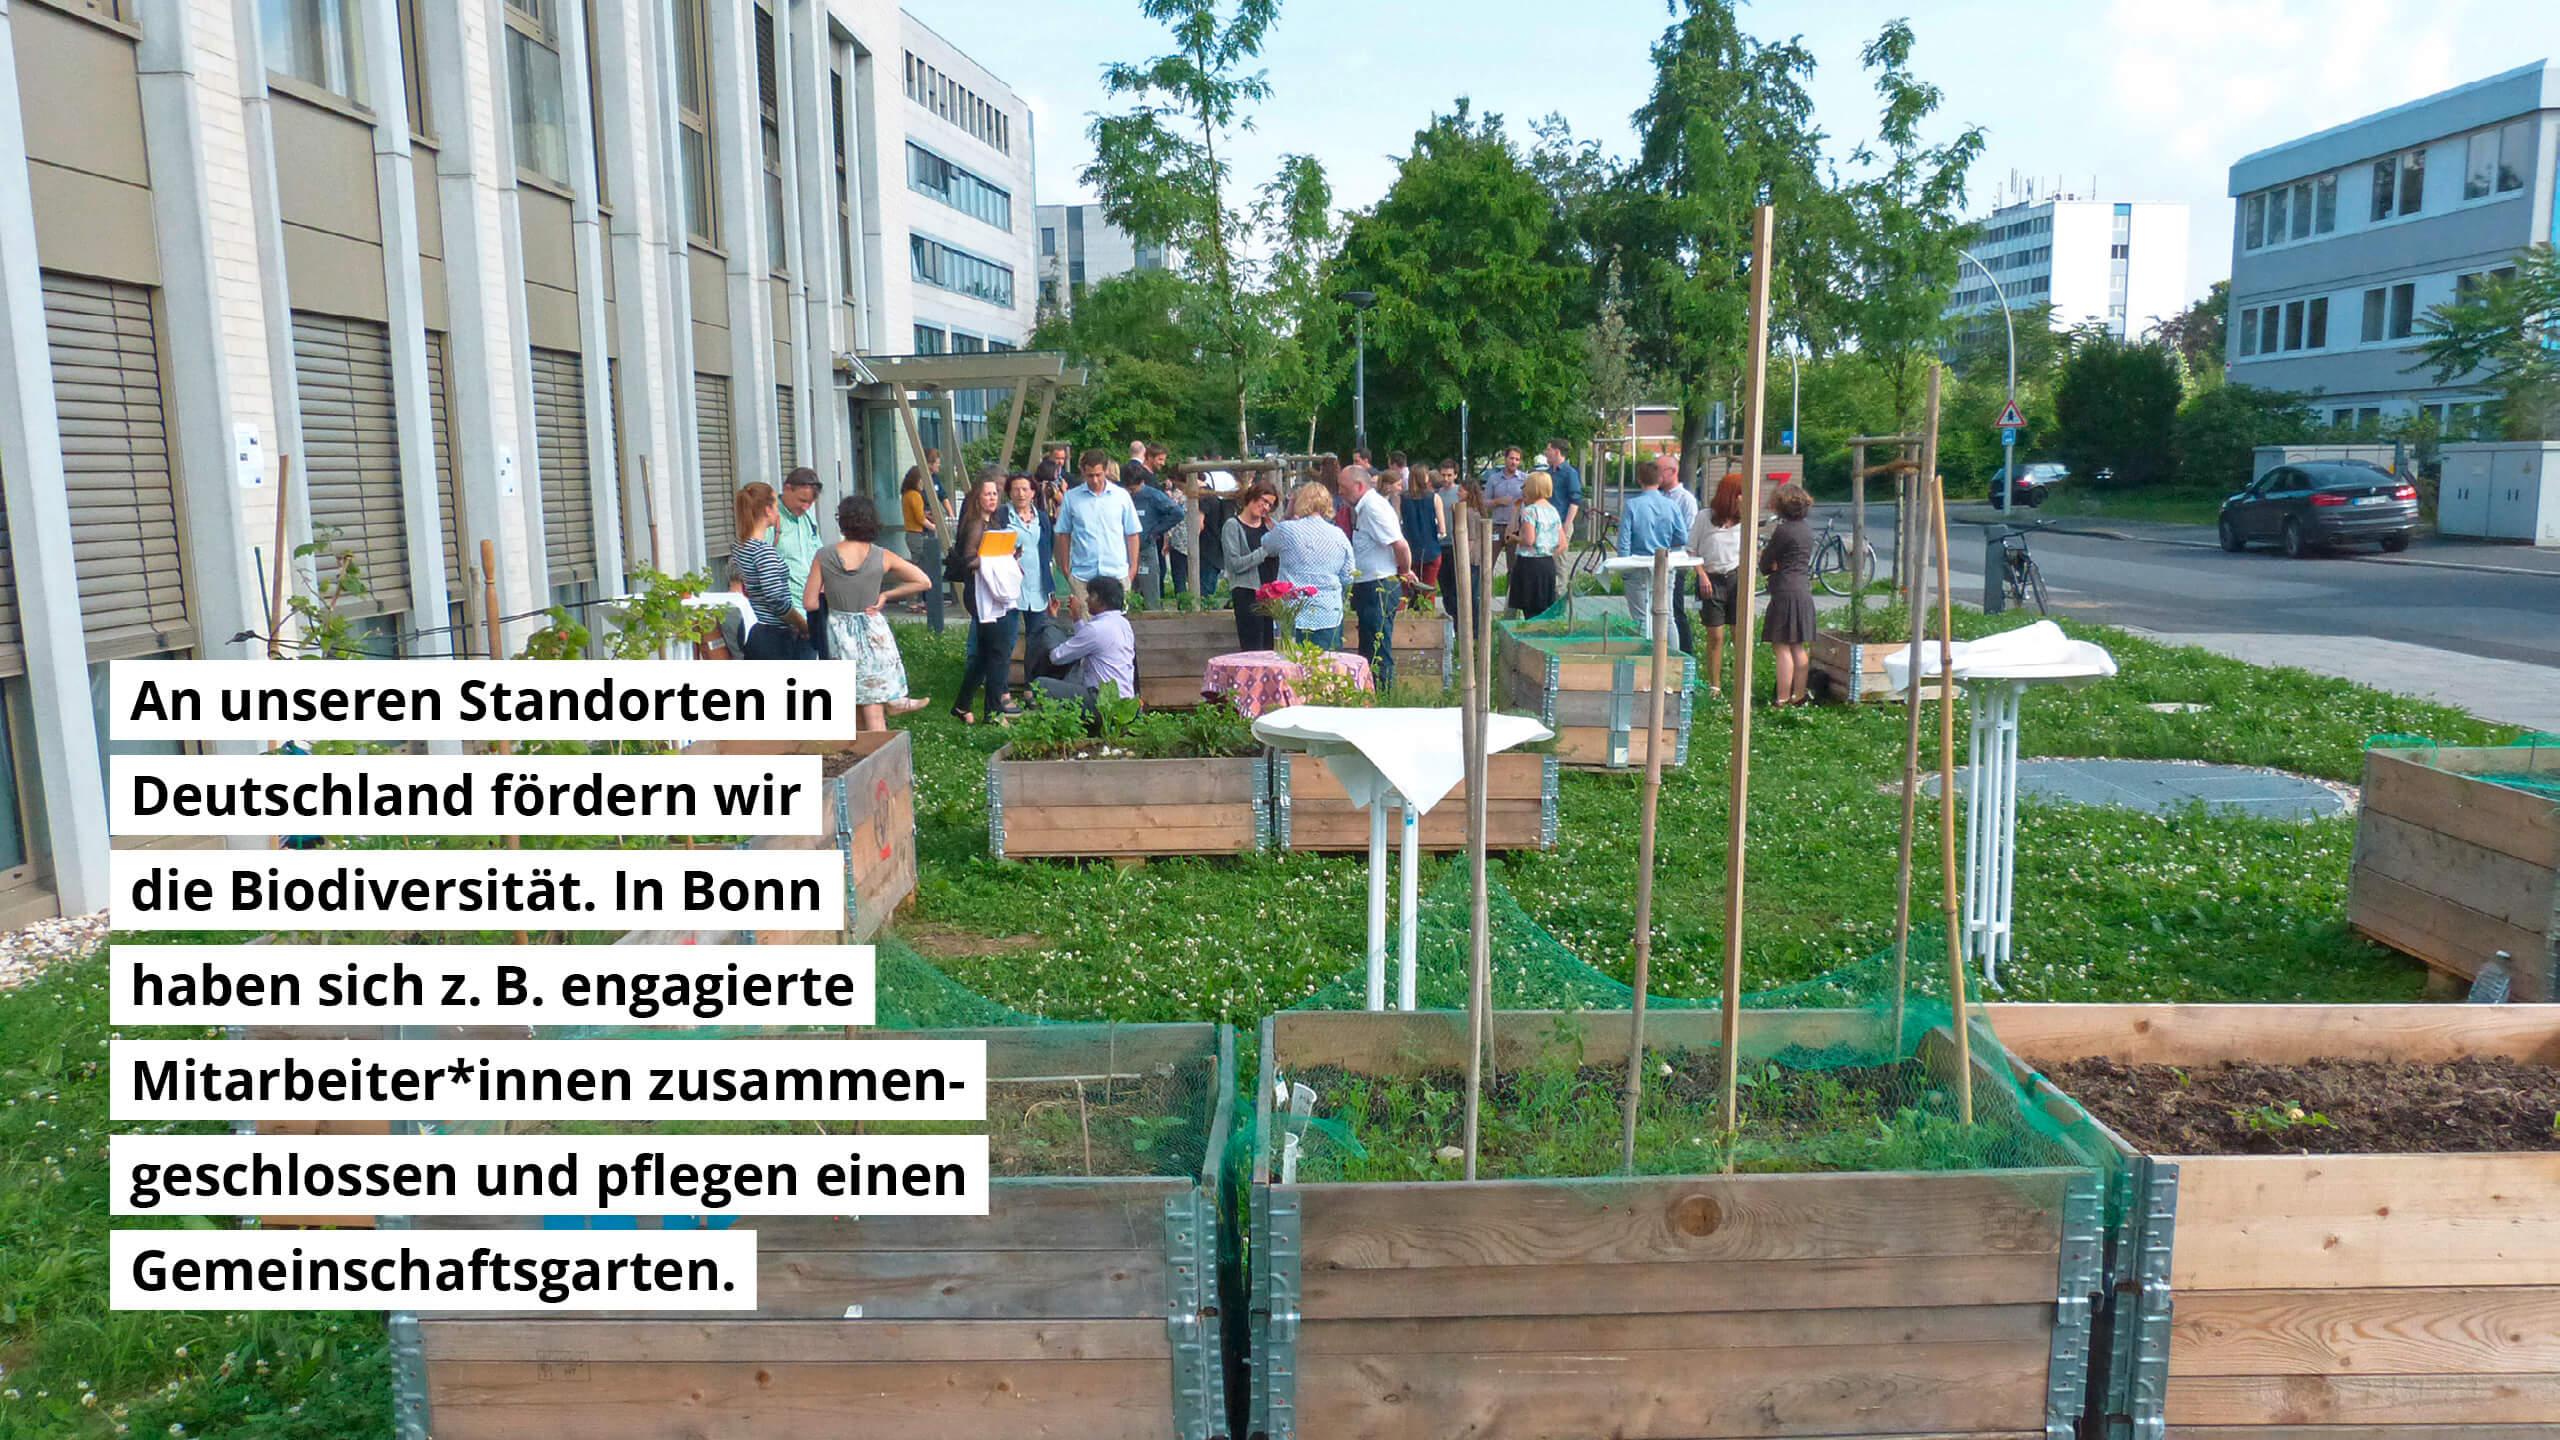 An unseren Standorten in Deutschland fördern wir die Biodiversität. In Bonn haben sich z.B. engagierte Mitarbeiter*innen zusammengeschlossen und pflegen einen Gemeinschaftsgarten.